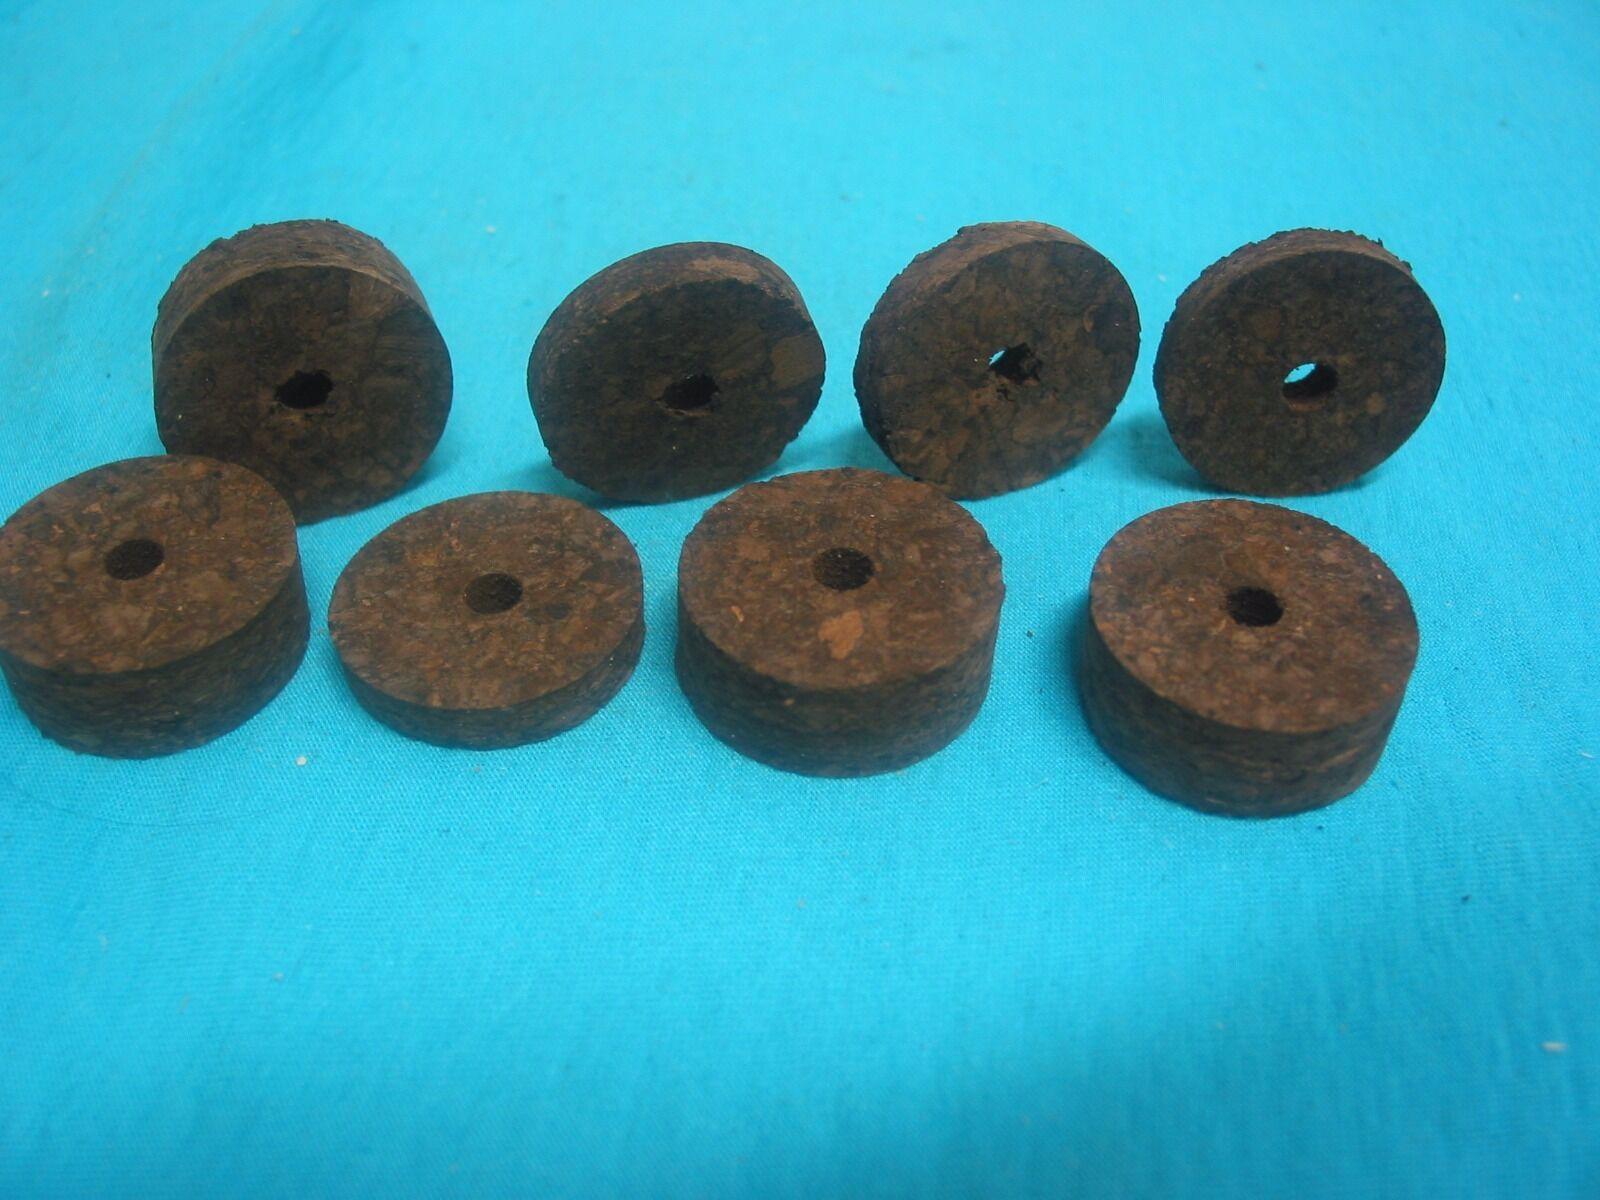 100 piezas de Anillos de corcho quemado oscuro (1-1 4  X 1 2 X 1 4 de diámetro)